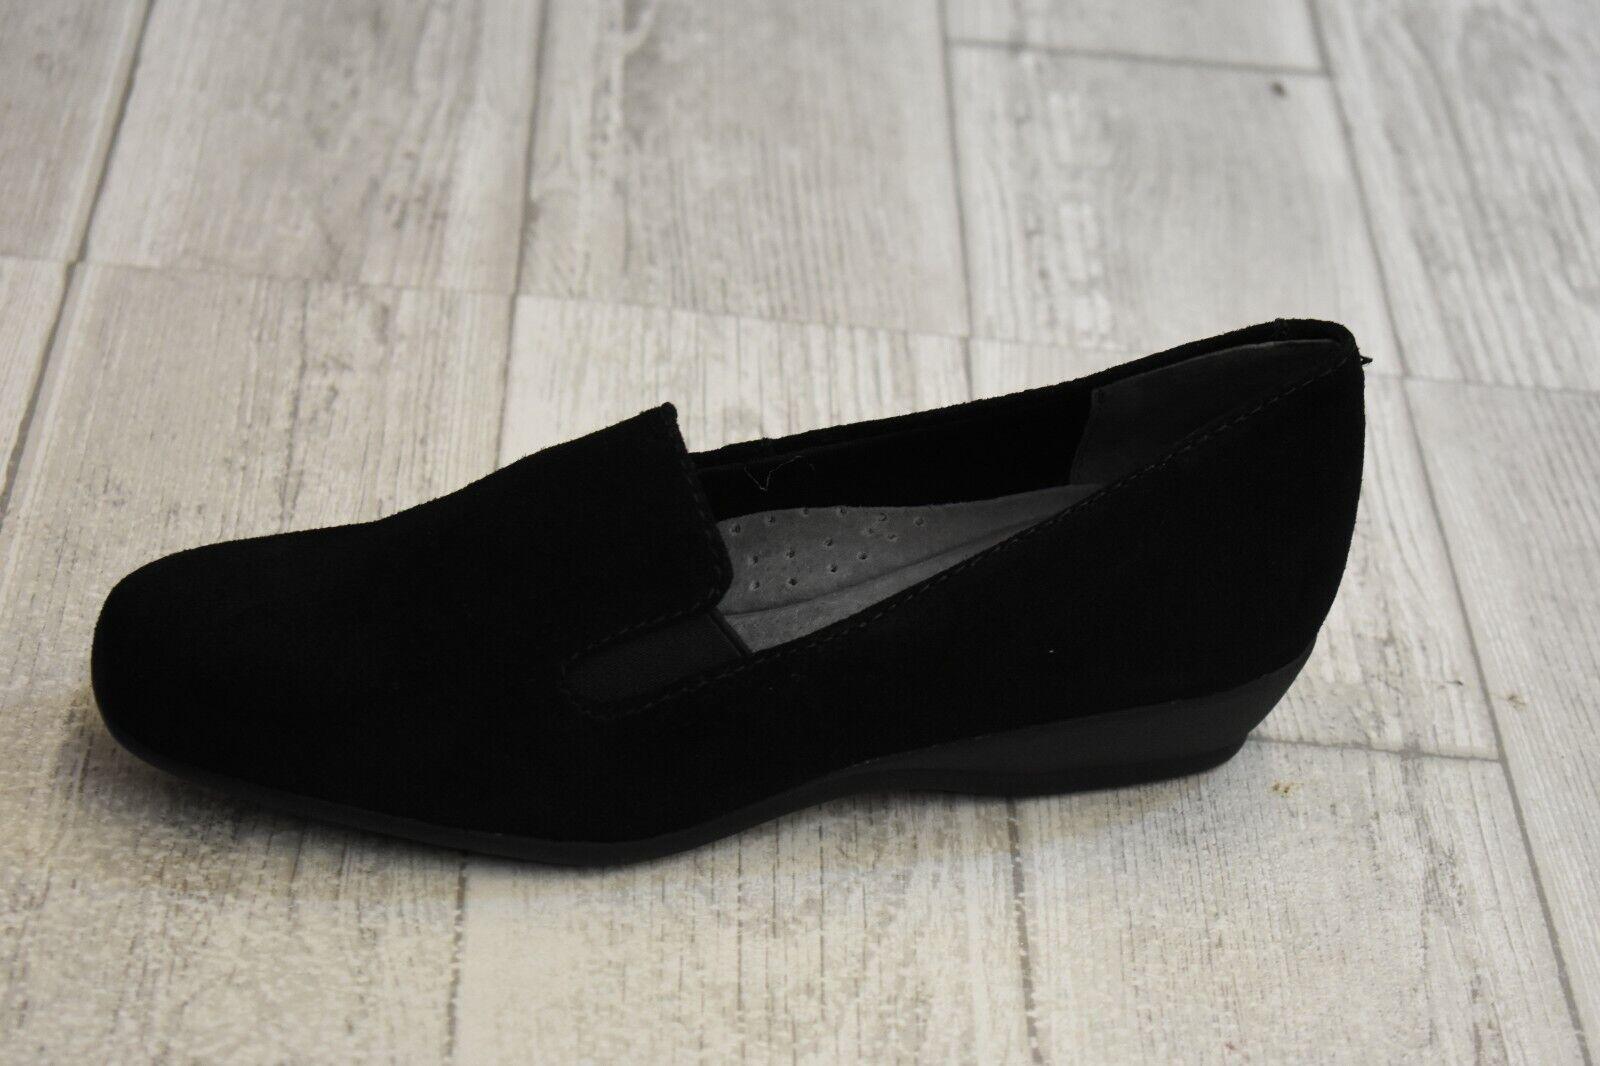 Trougeters Lamar Casual Slip On Chaussures-Femme Taille 6 N-NOIR NOUVEAU